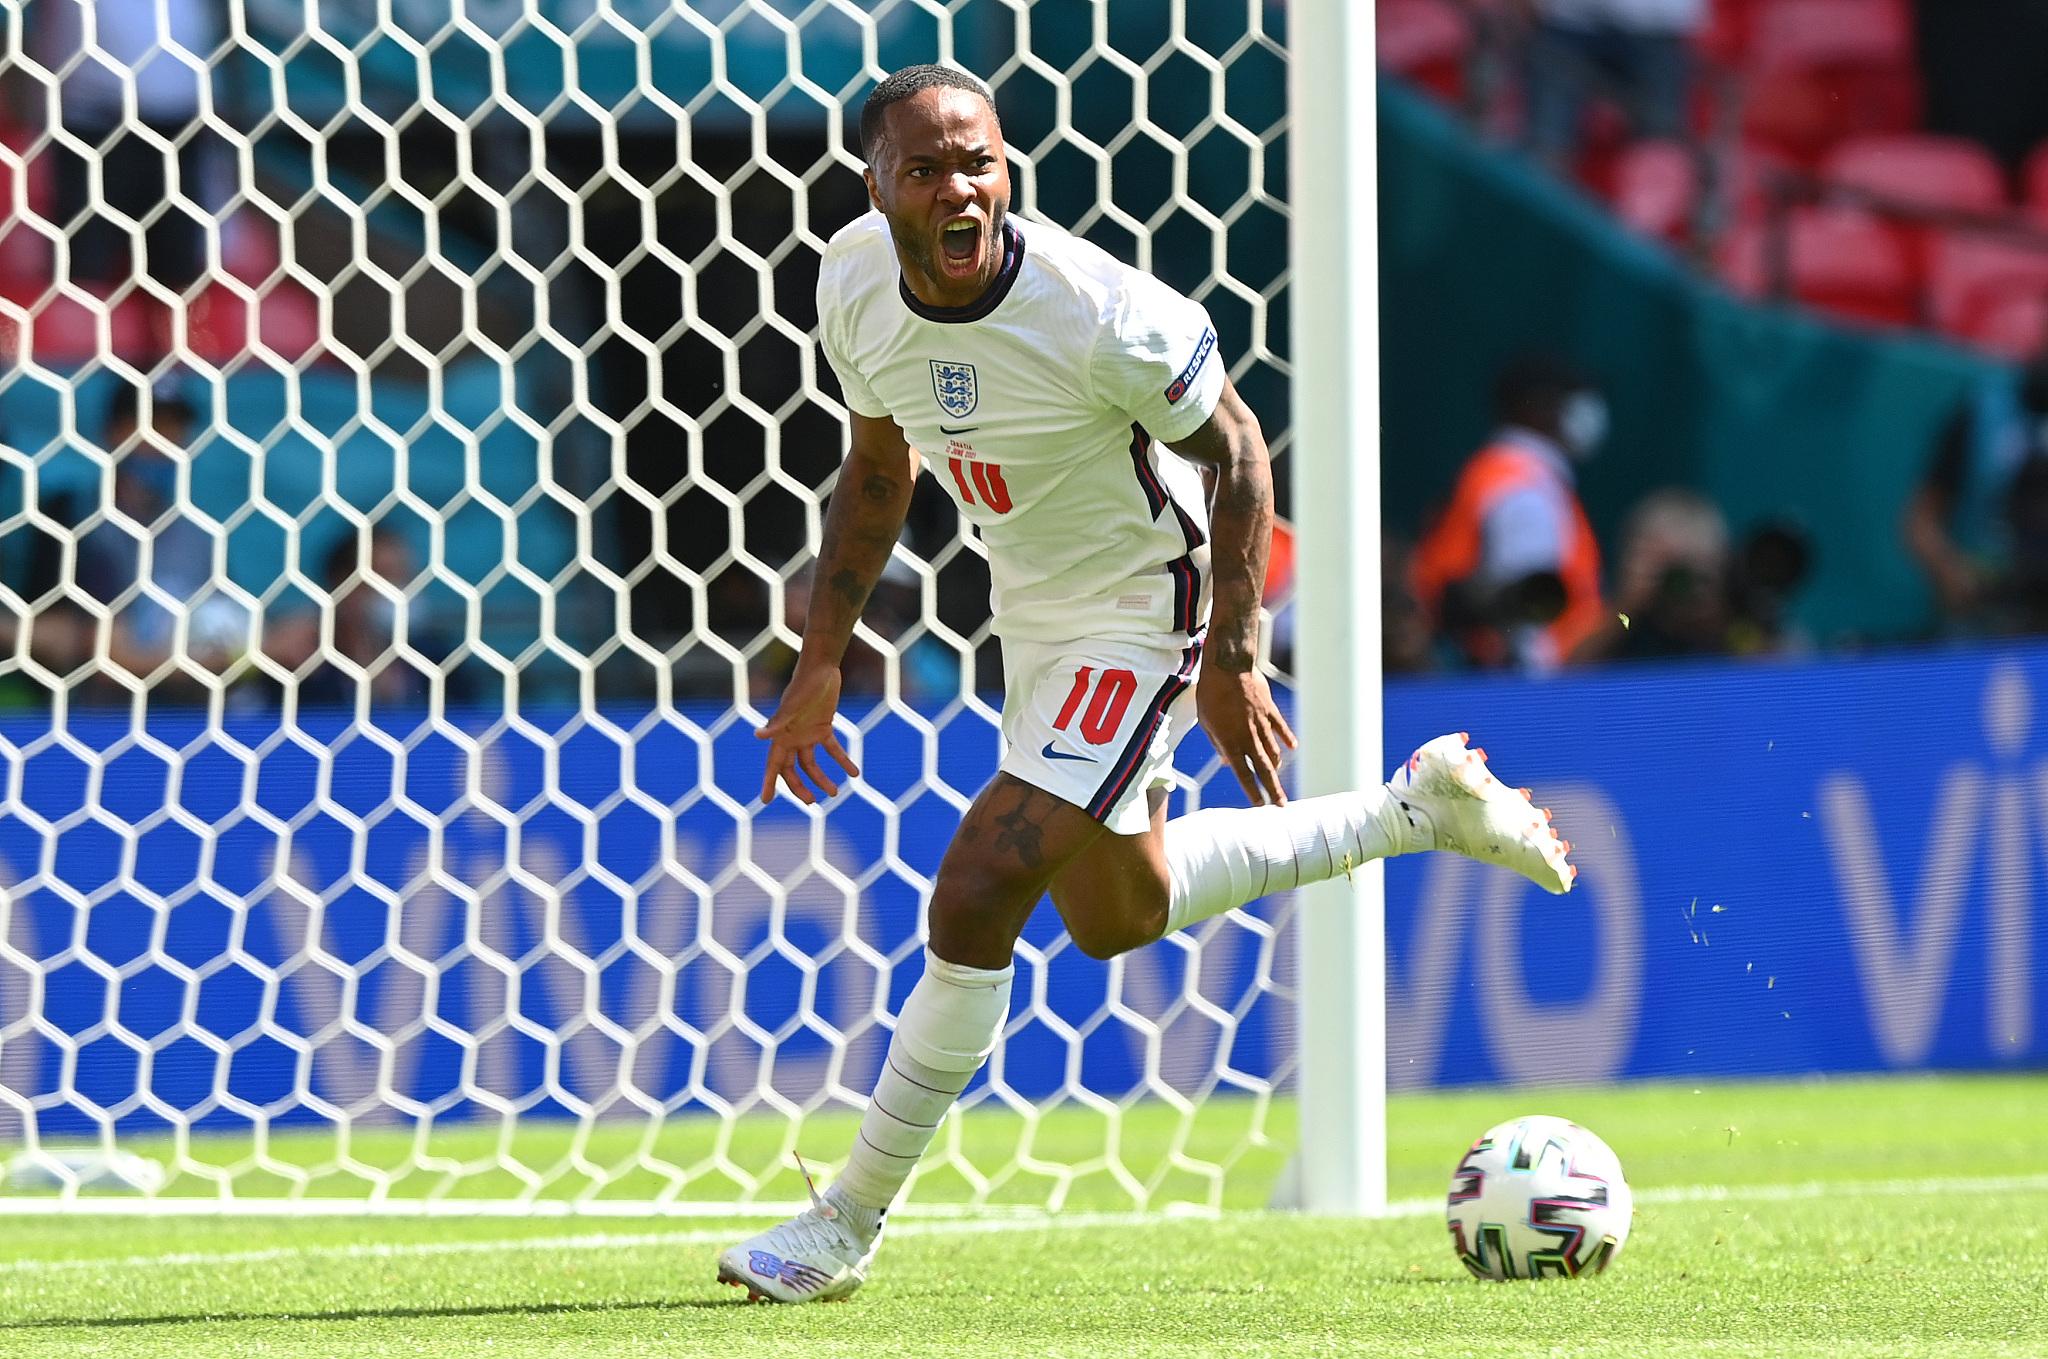 Sterling comemorando gol contra a Croácia na Euro 2020